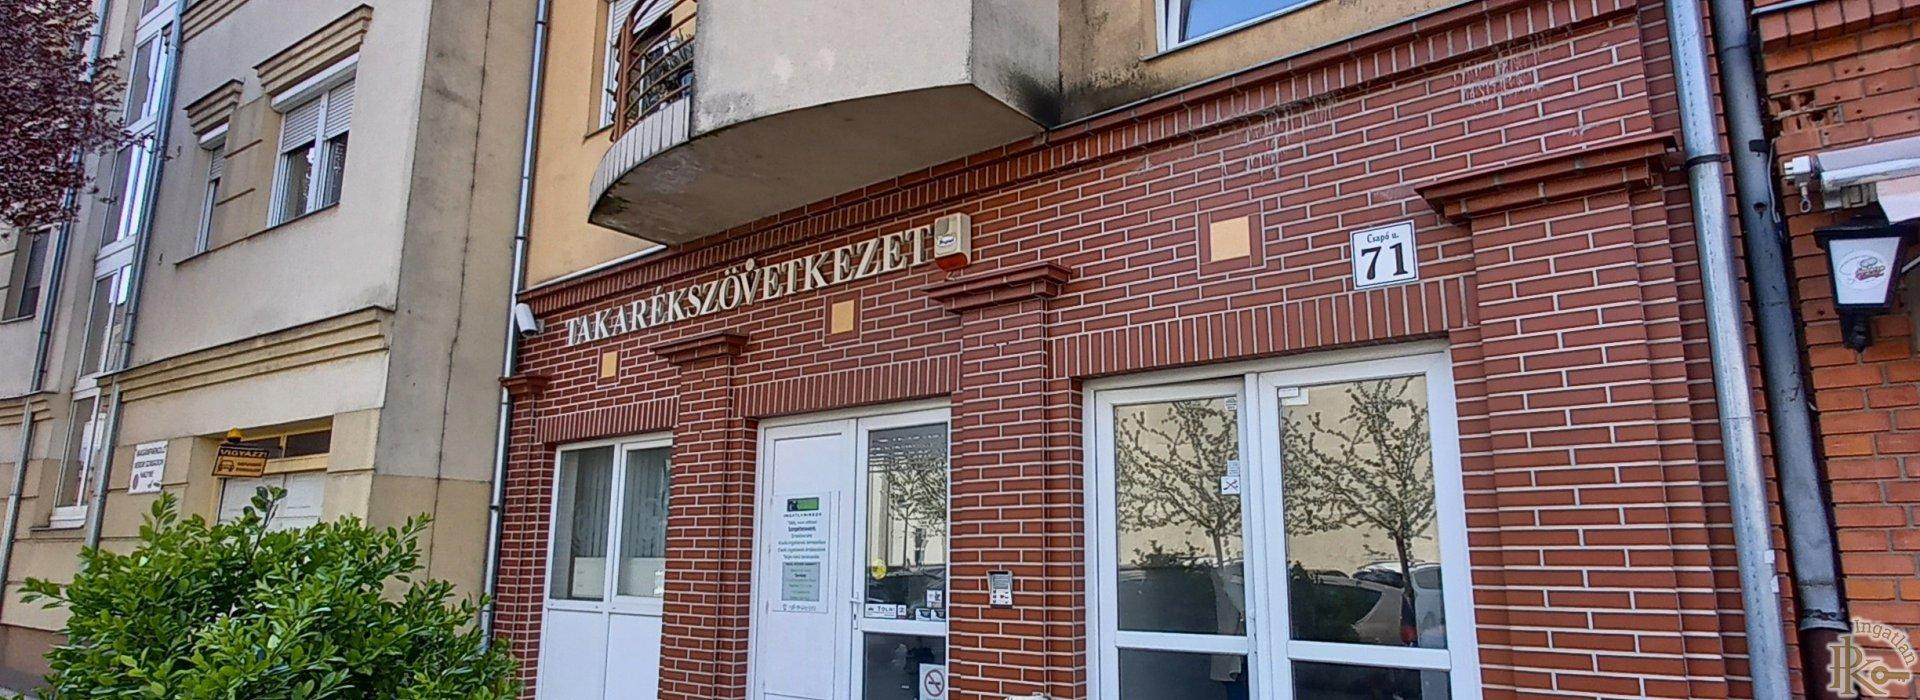 Debrecen, Csapó utca 71.